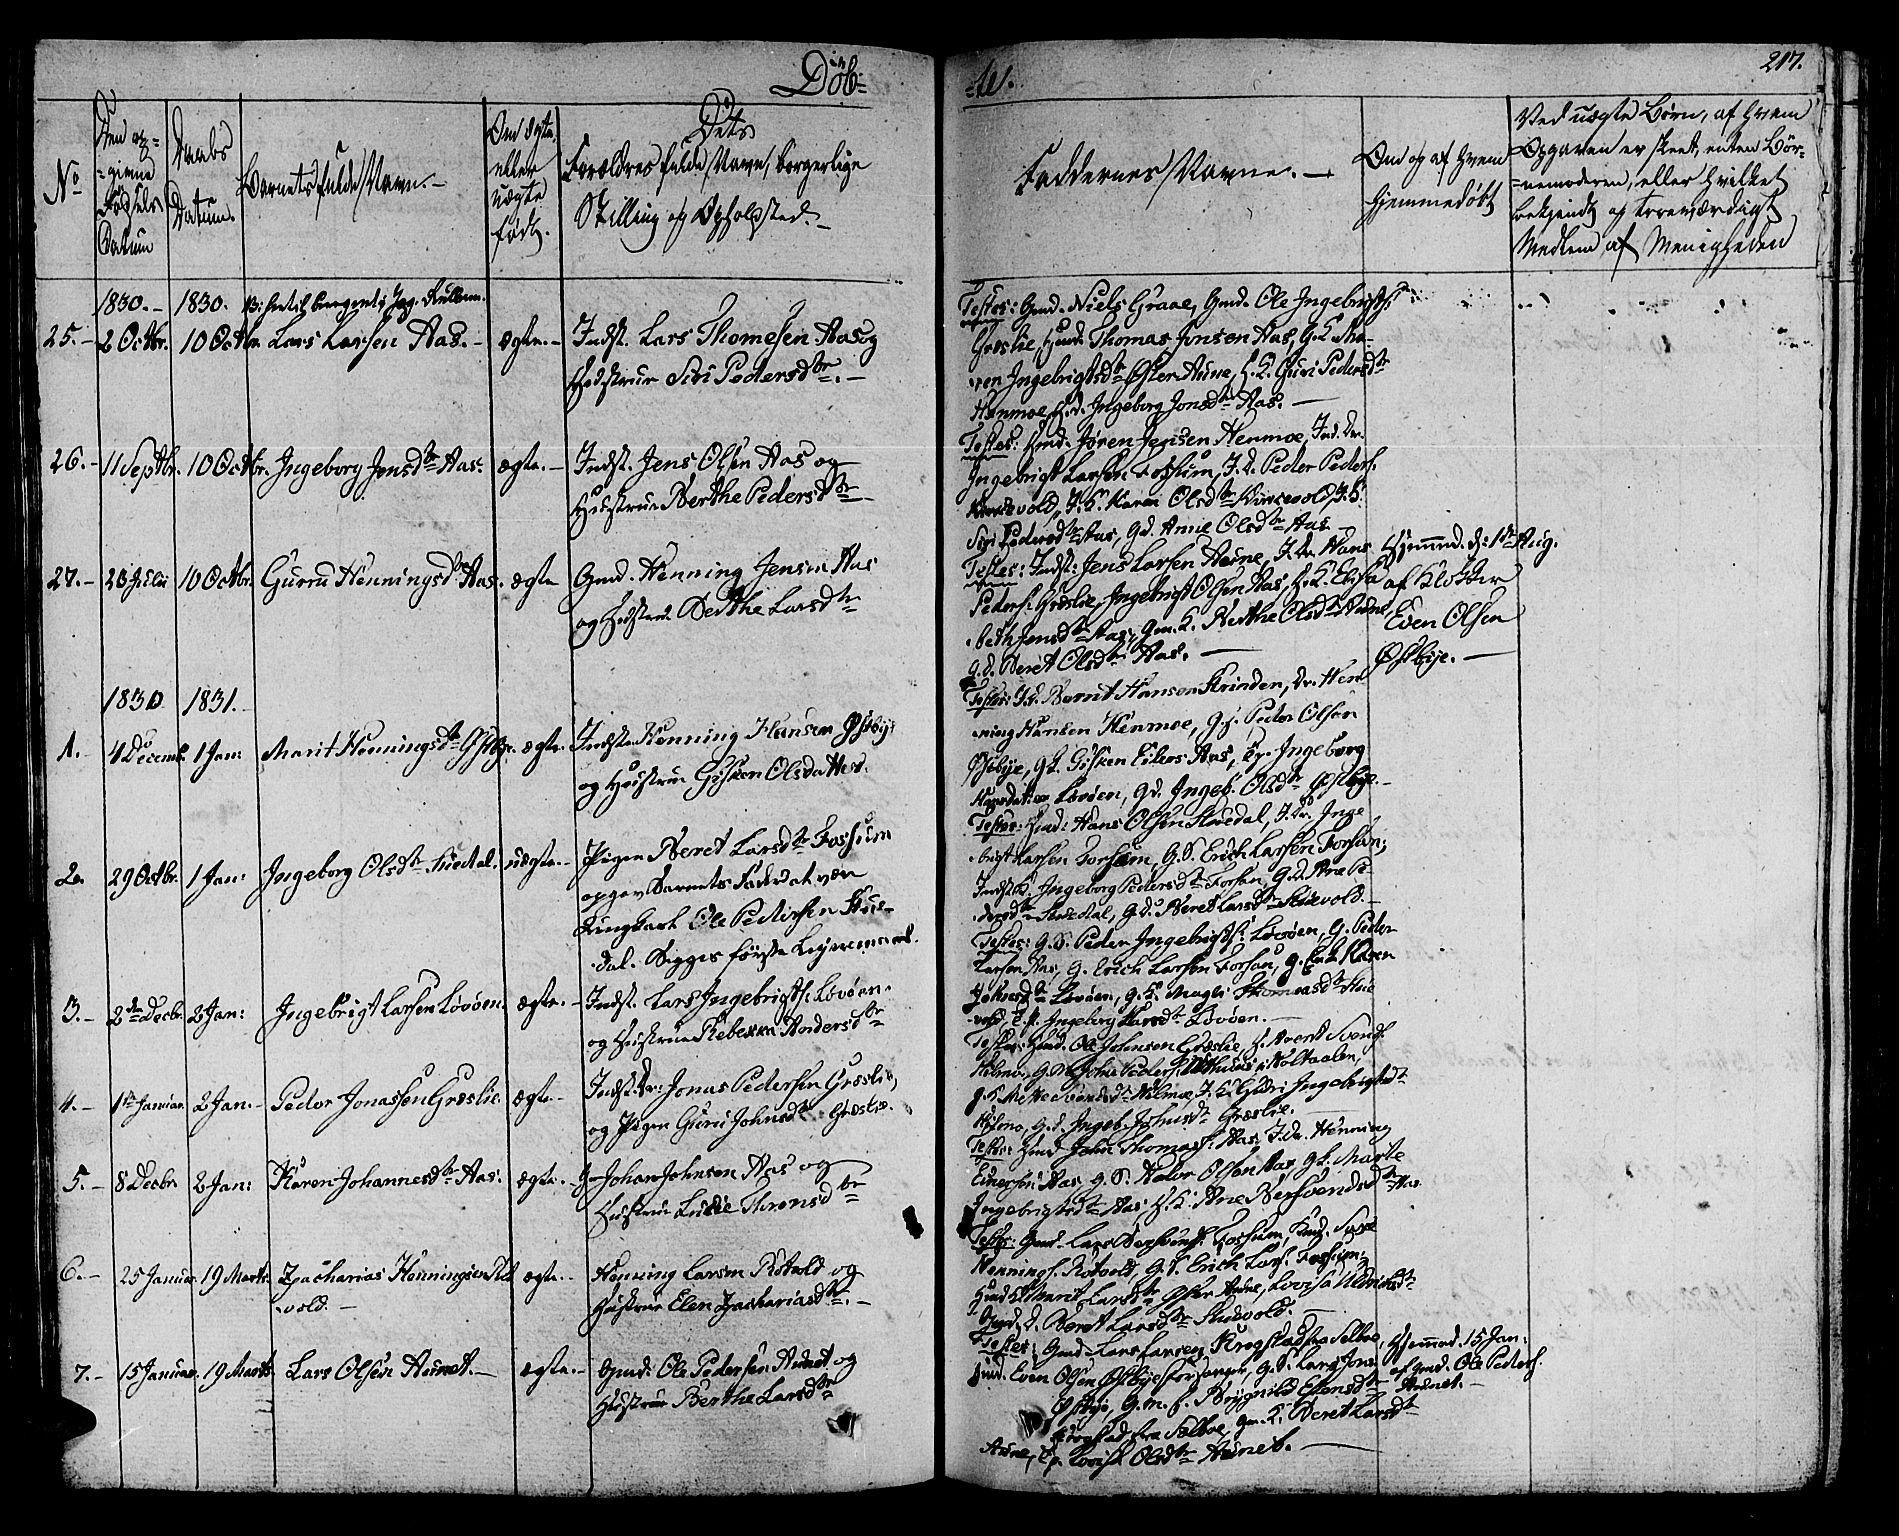 SAT, Ministerialprotokoller, klokkerbøker og fødselsregistre - Sør-Trøndelag, 695/L1144: Ministerialbok nr. 695A05 /2, 1824-1842, s. 217